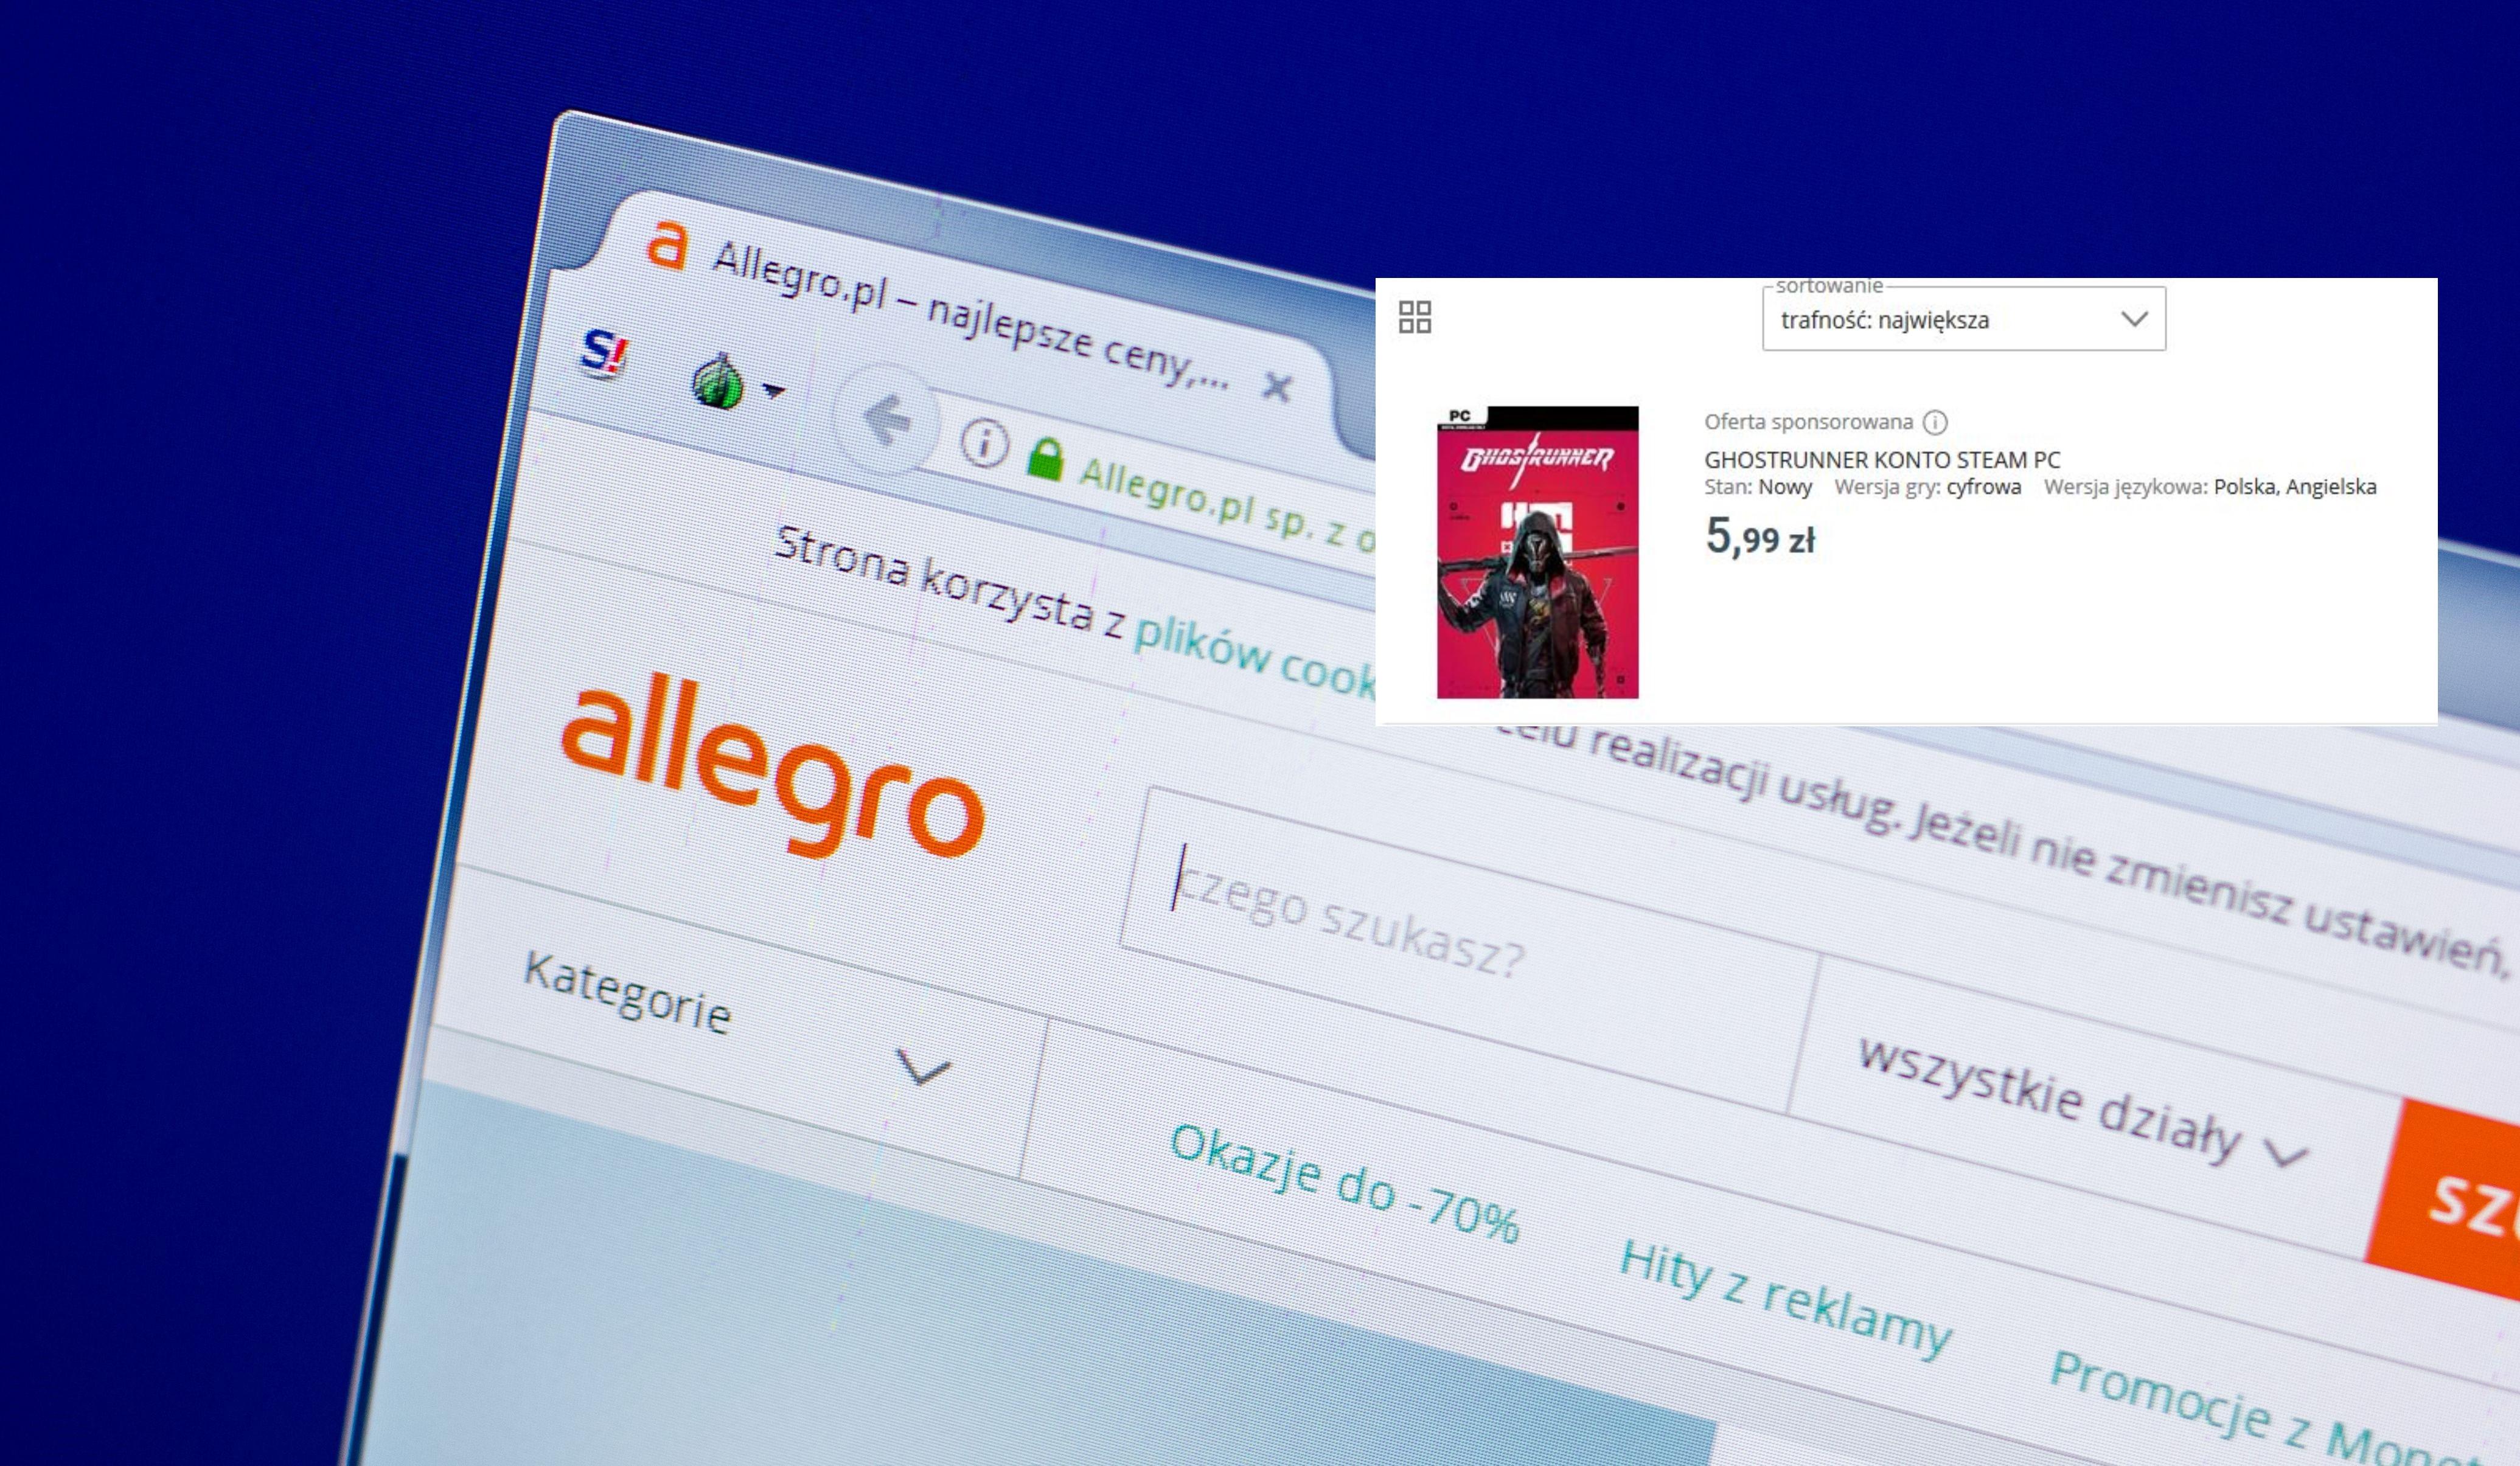 Zmiany Na Allegro Koniec Ze Sprzedawaniem Kont Z Grami Na Pc I Konsole